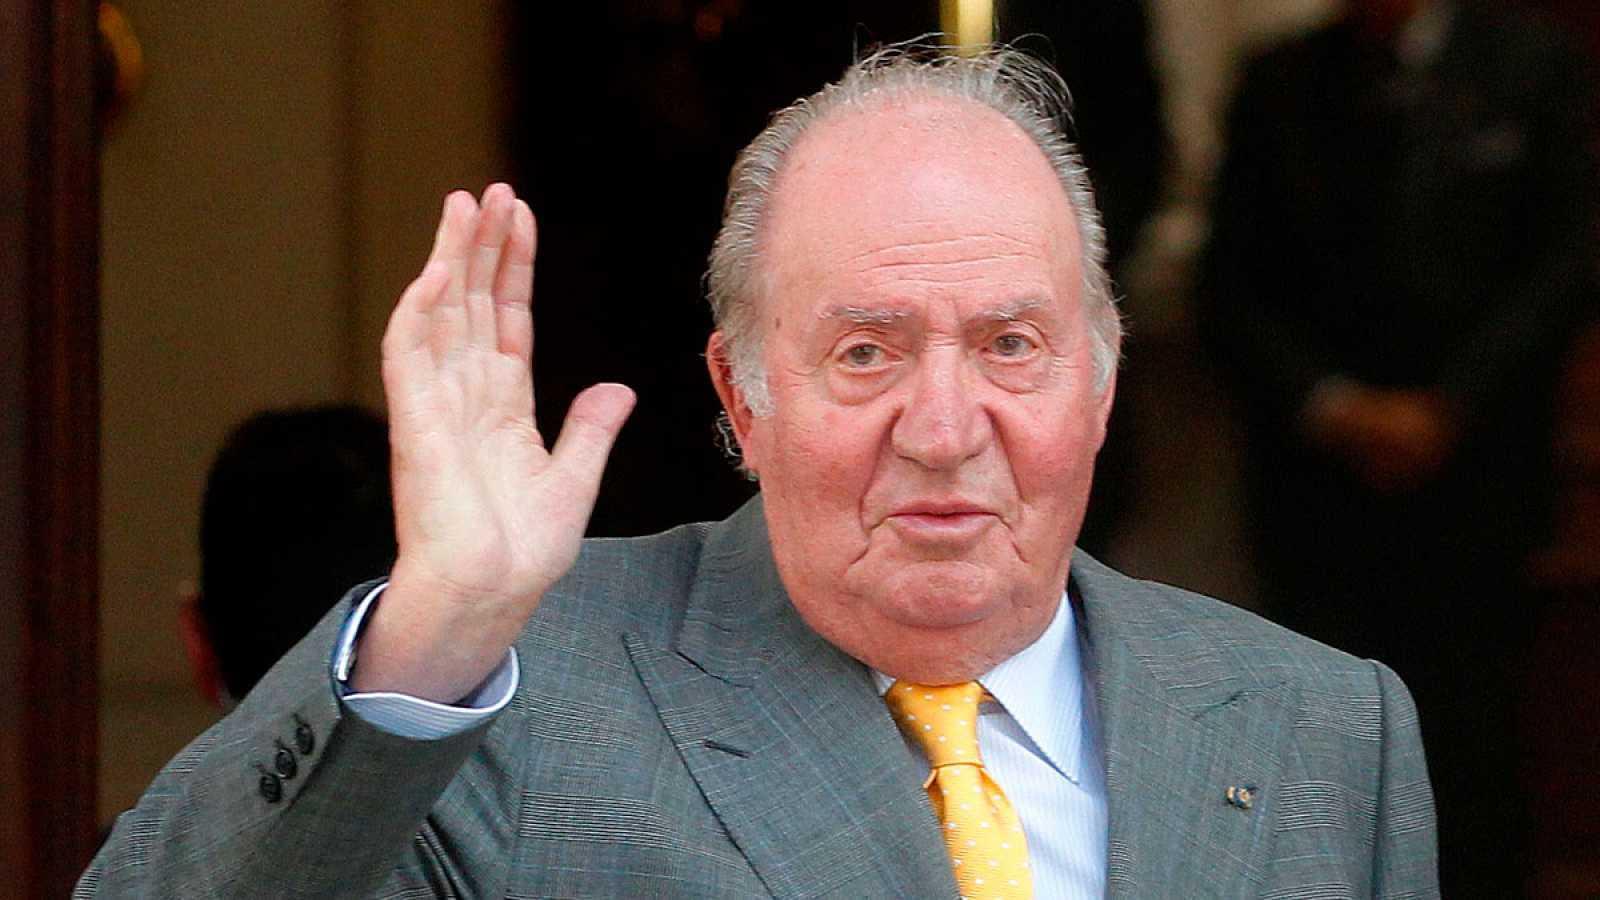 La Fiscalía suiza investiga si el rey emérito ocultó cerca de 100 millones de dólares en Suiza.